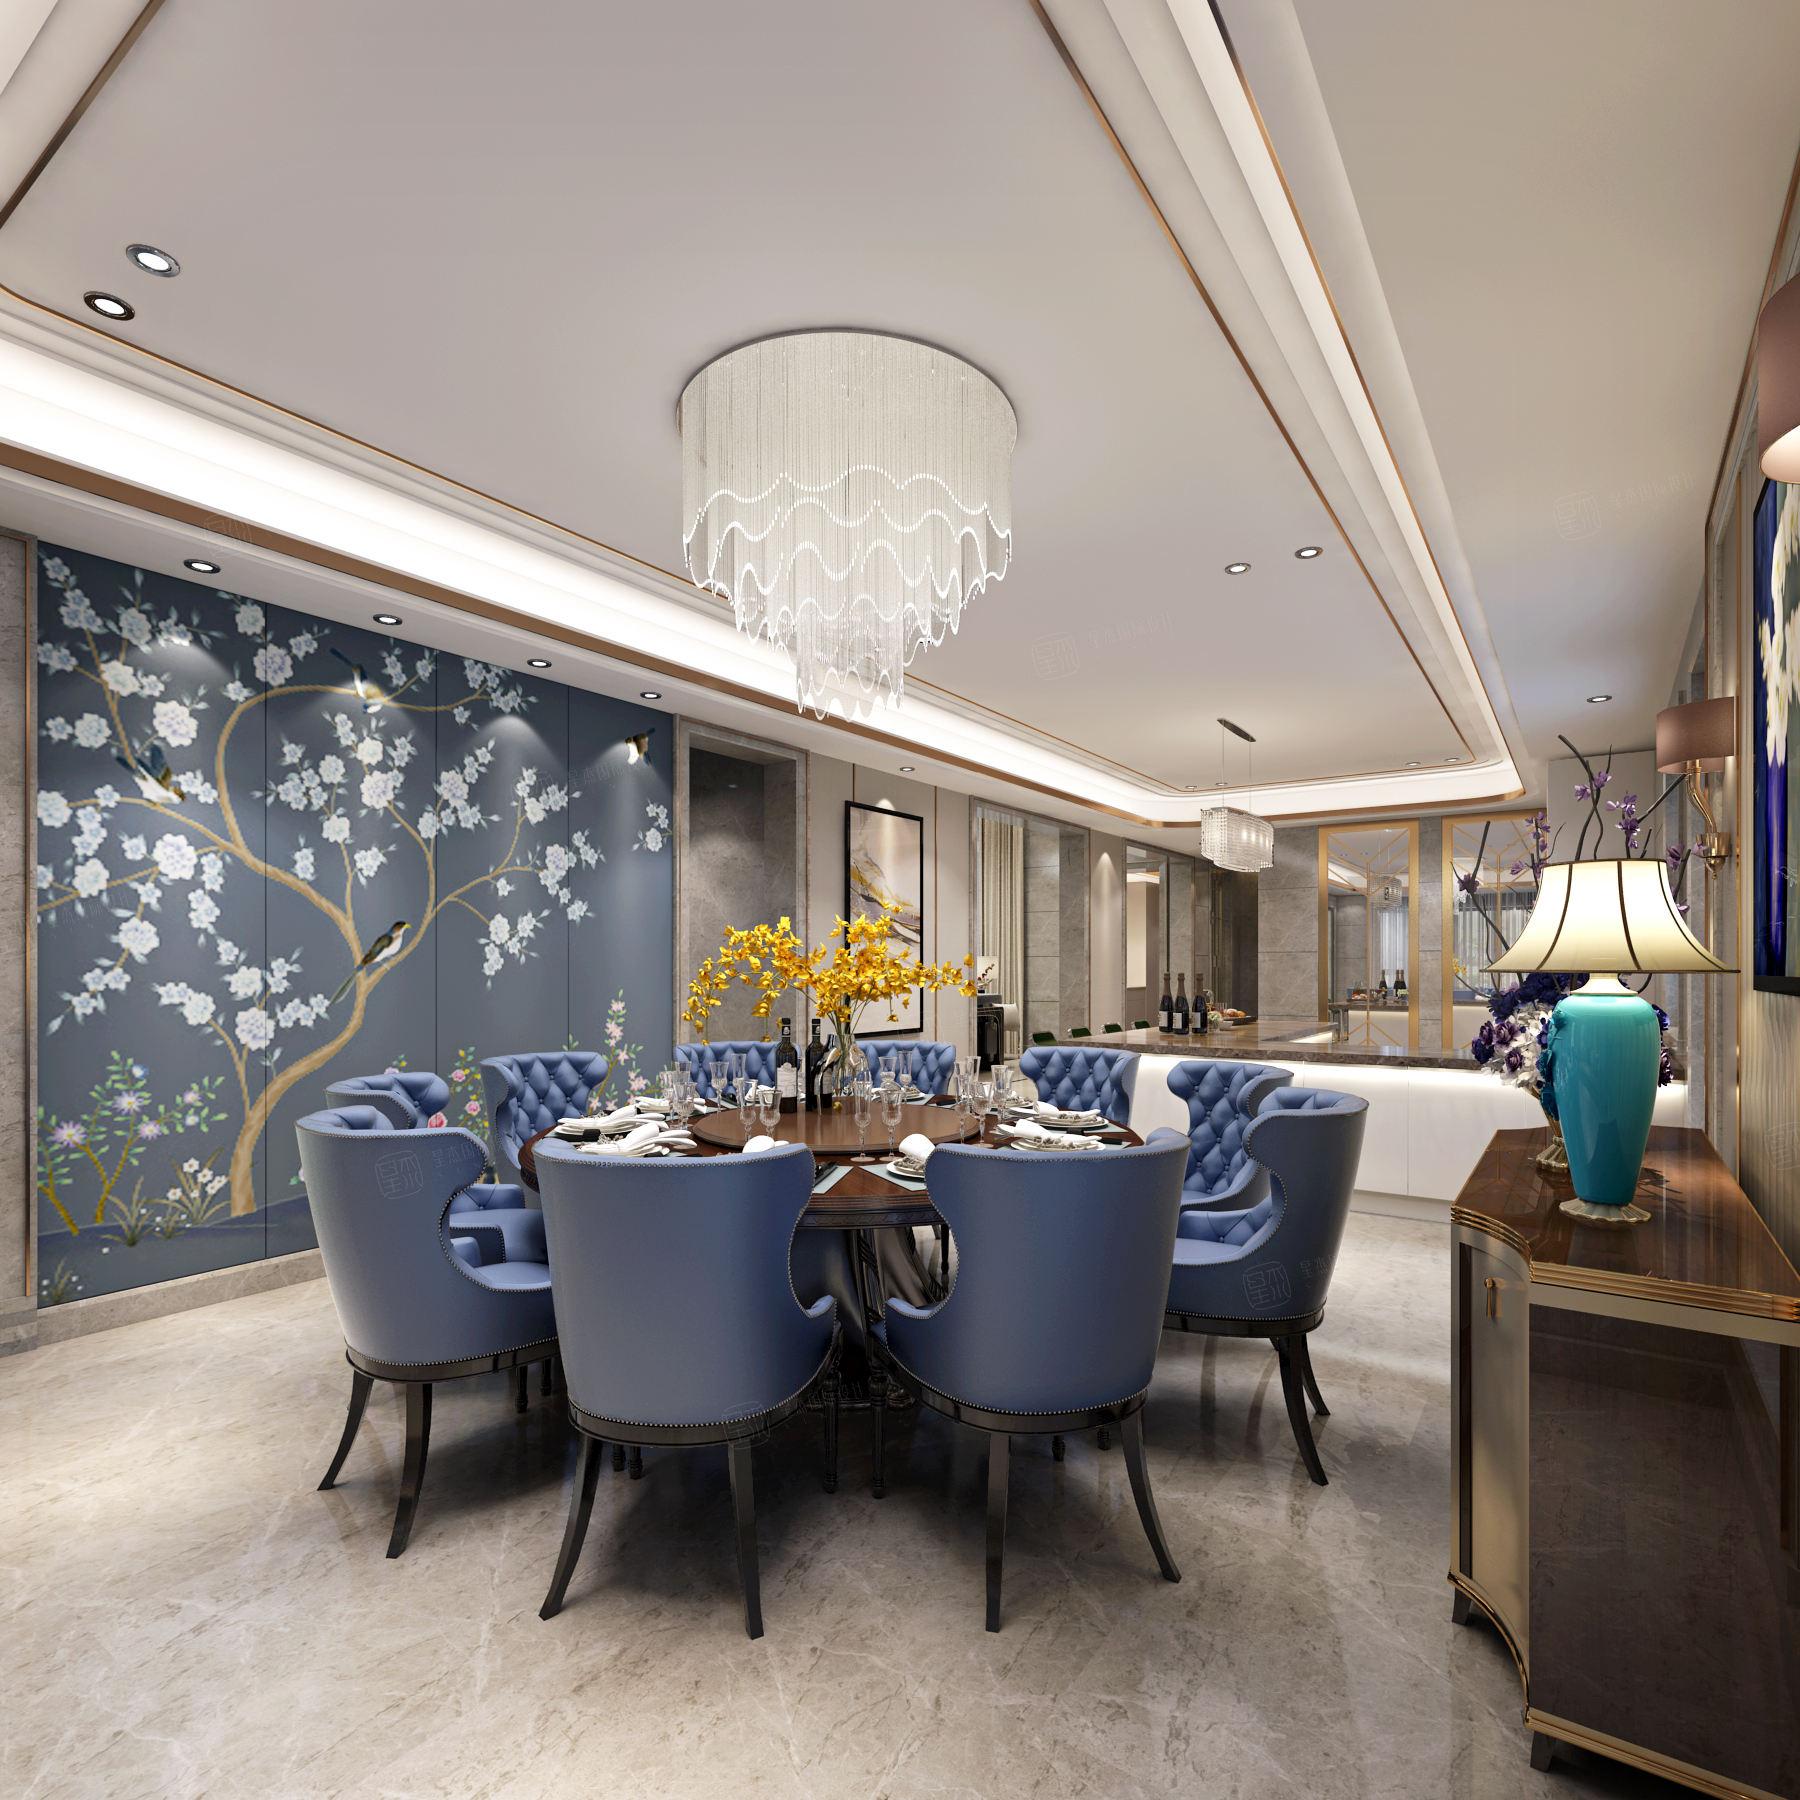 御翠园 现代风格装修餐厅效果图